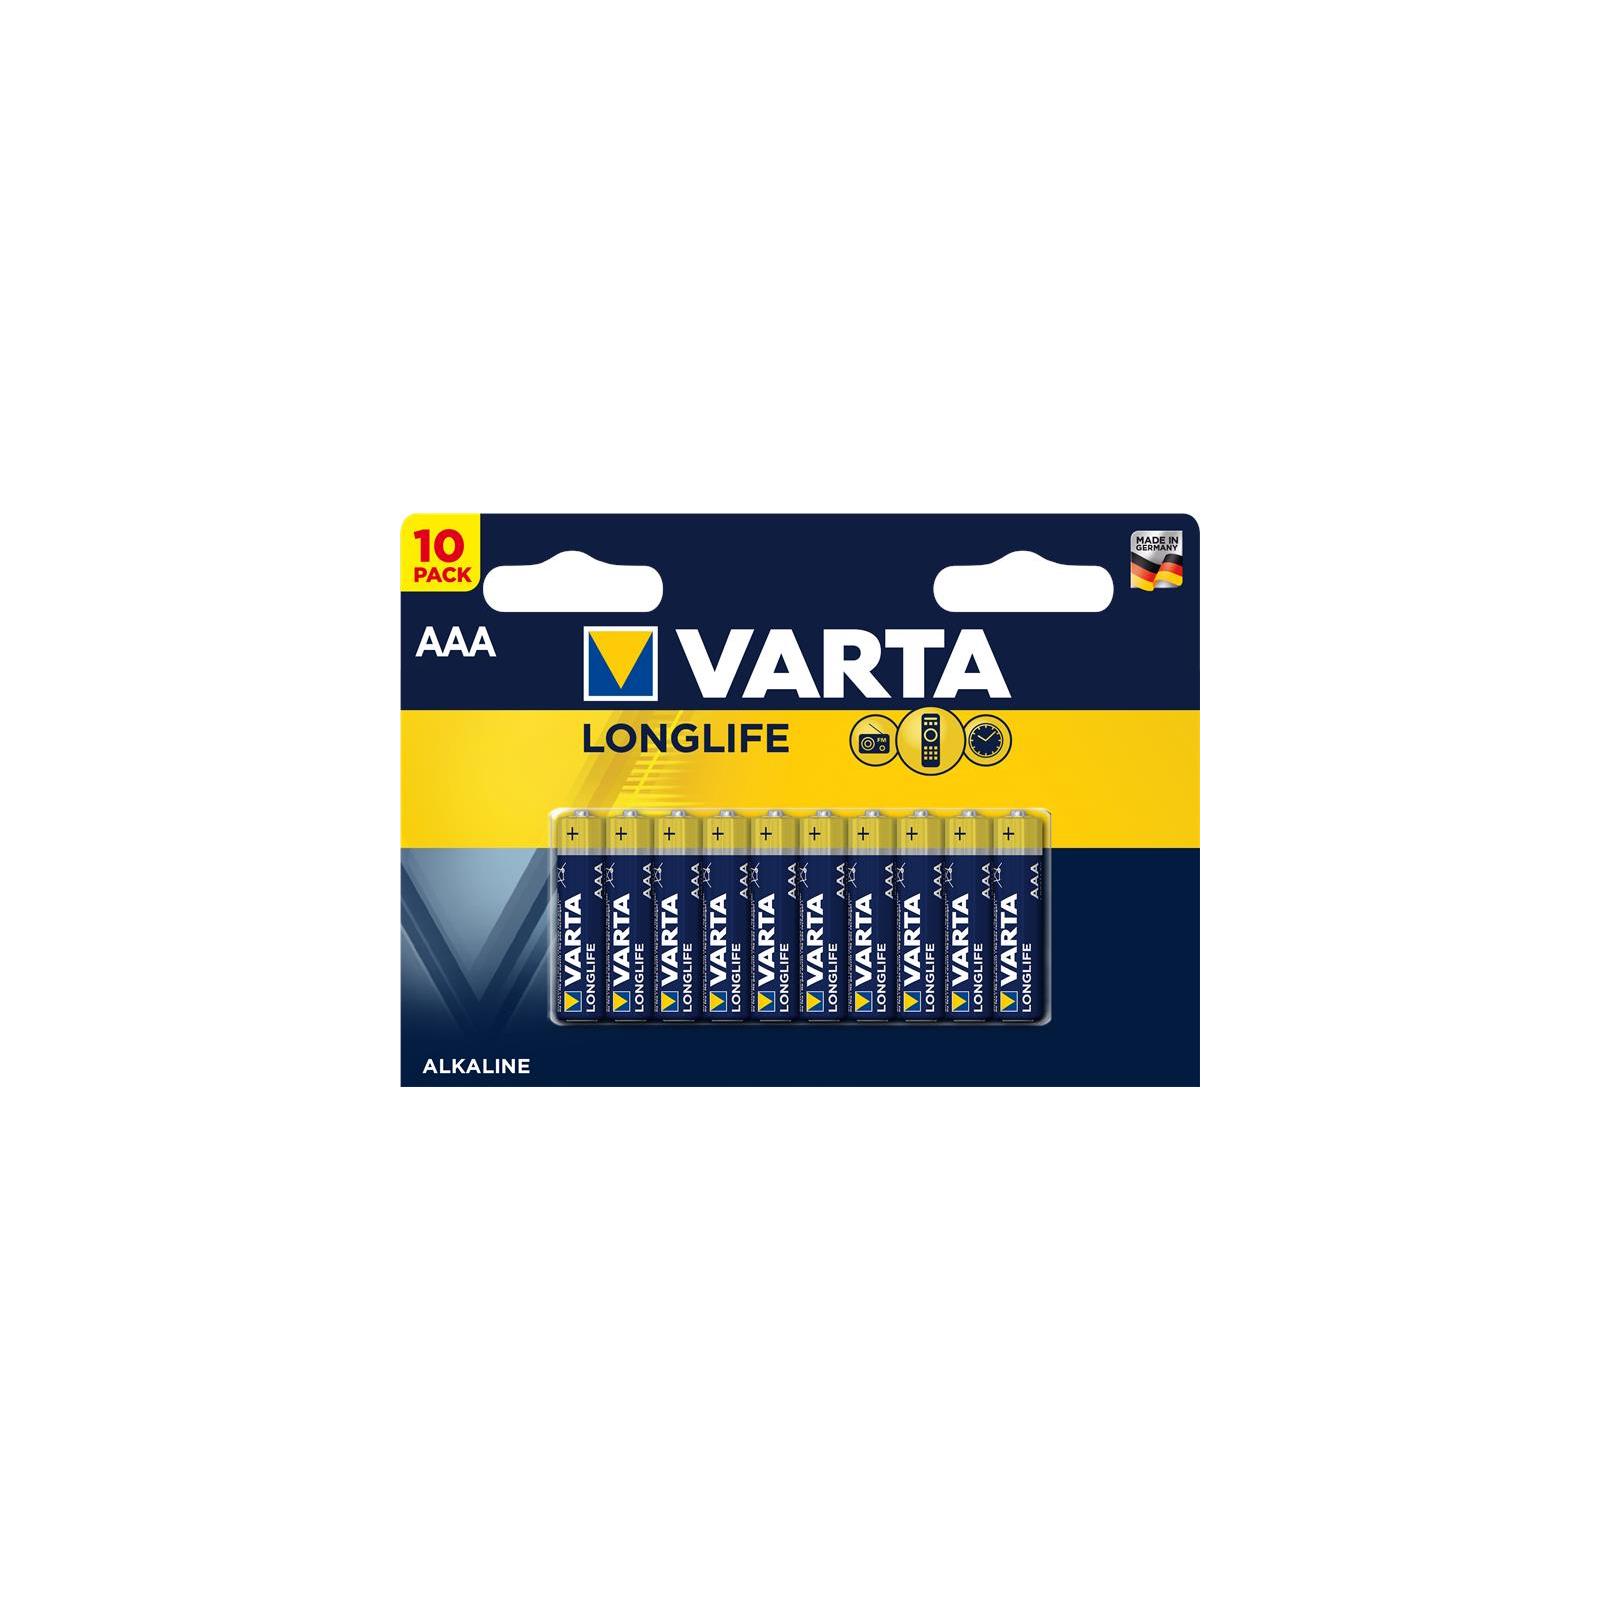 Батарейка Varta LONGLIFE ALKALINE * 10 (4103101461)